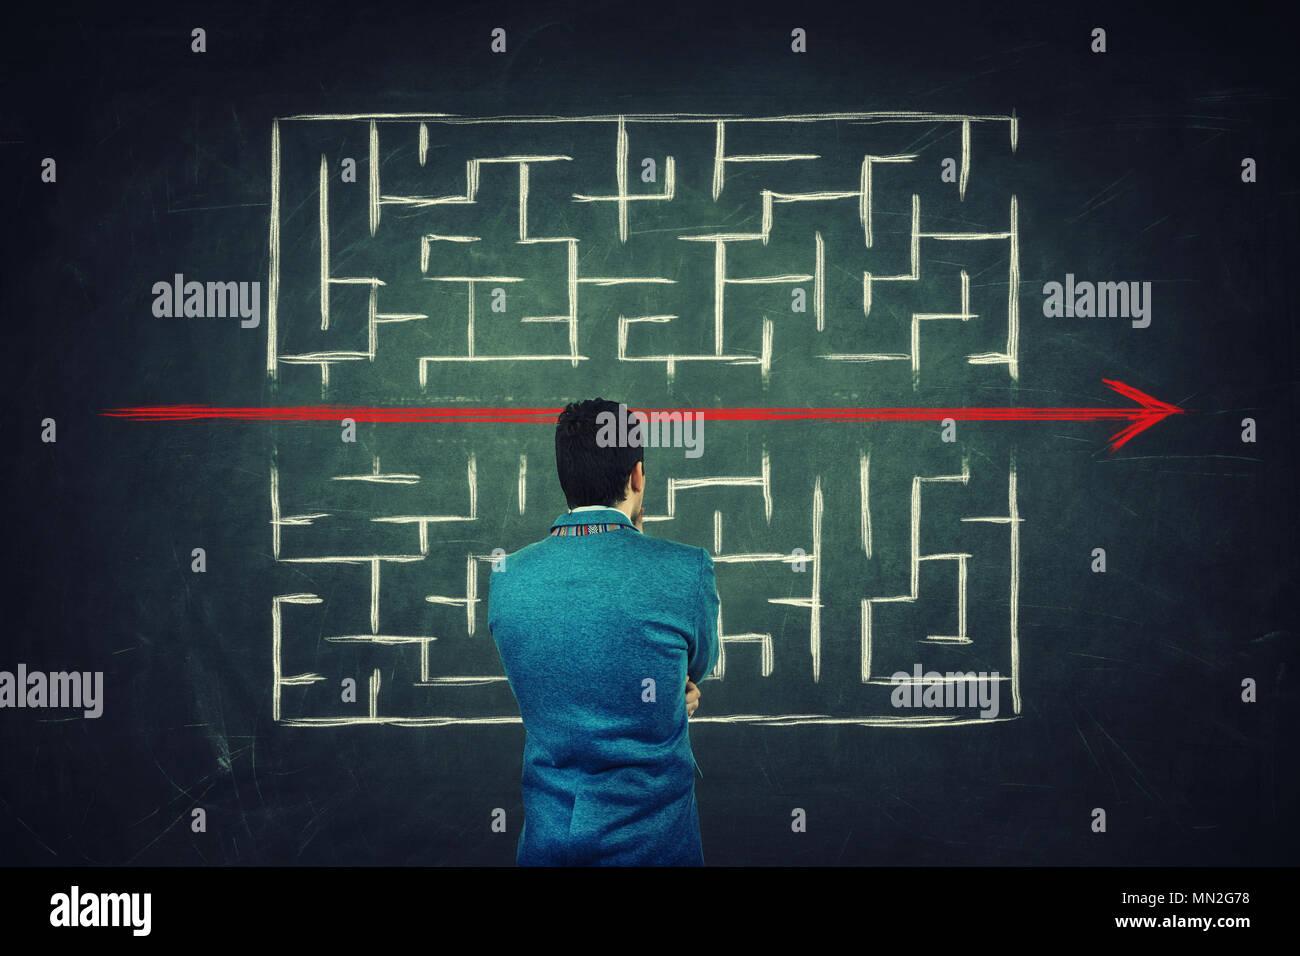 Rückansicht eines verwirrten Geschäftsmann vor einer Tafel, eine Lösung aus dem Labyrinth zu entkommen. Das Brechen der Regeln, als rote Linie durchbohren die Stockbild